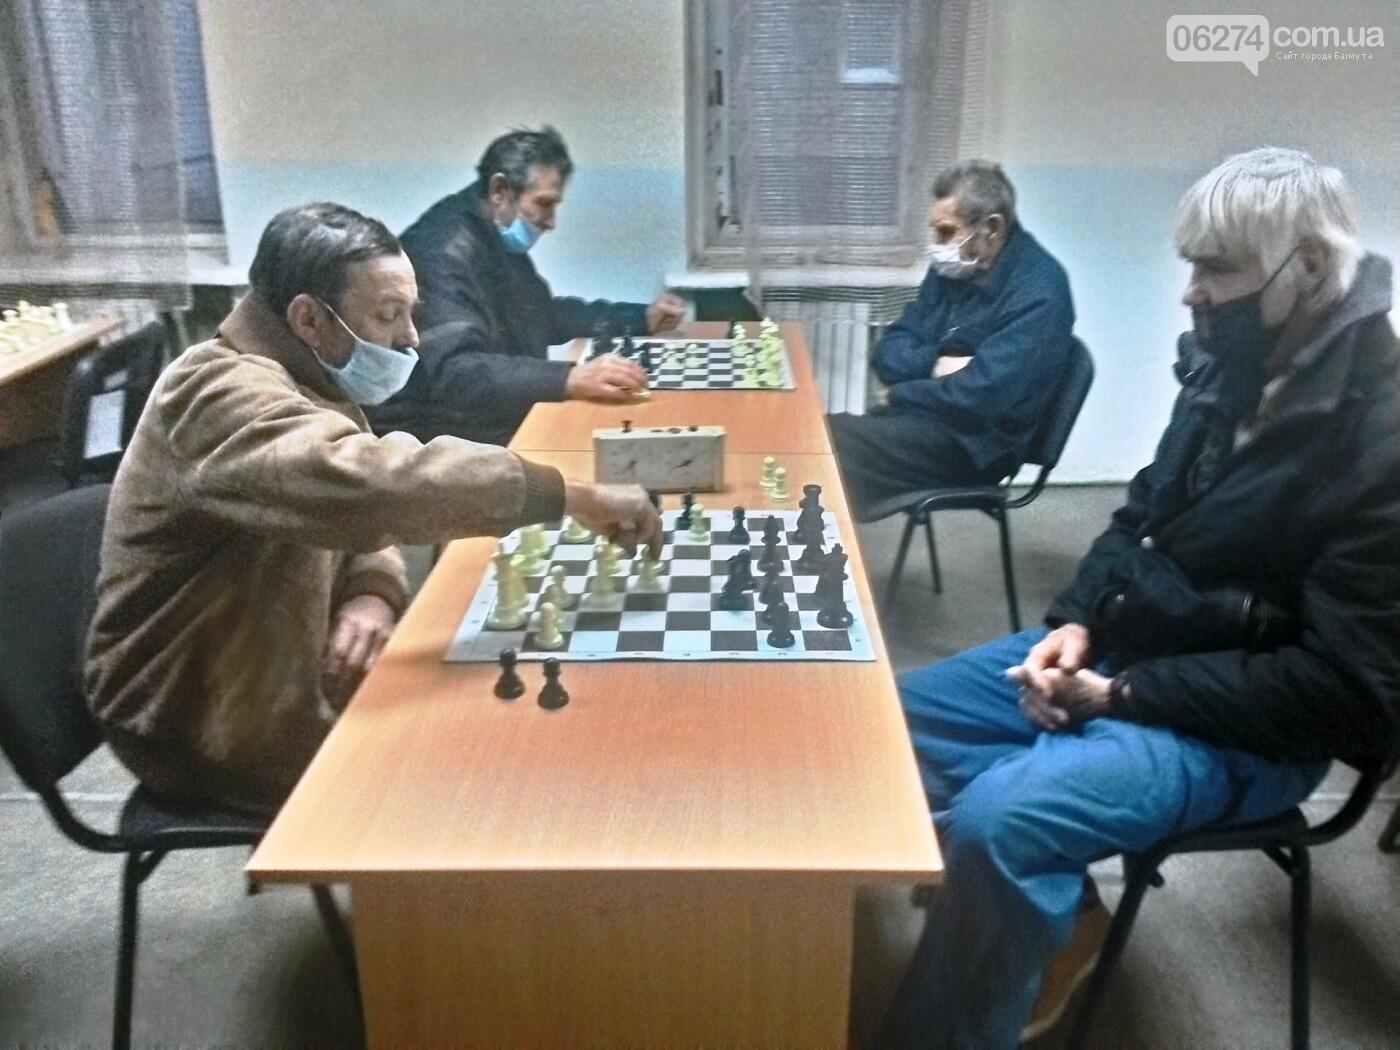 В Бахмуте прошел турнир по шахматам среди ветеранов, фото-1